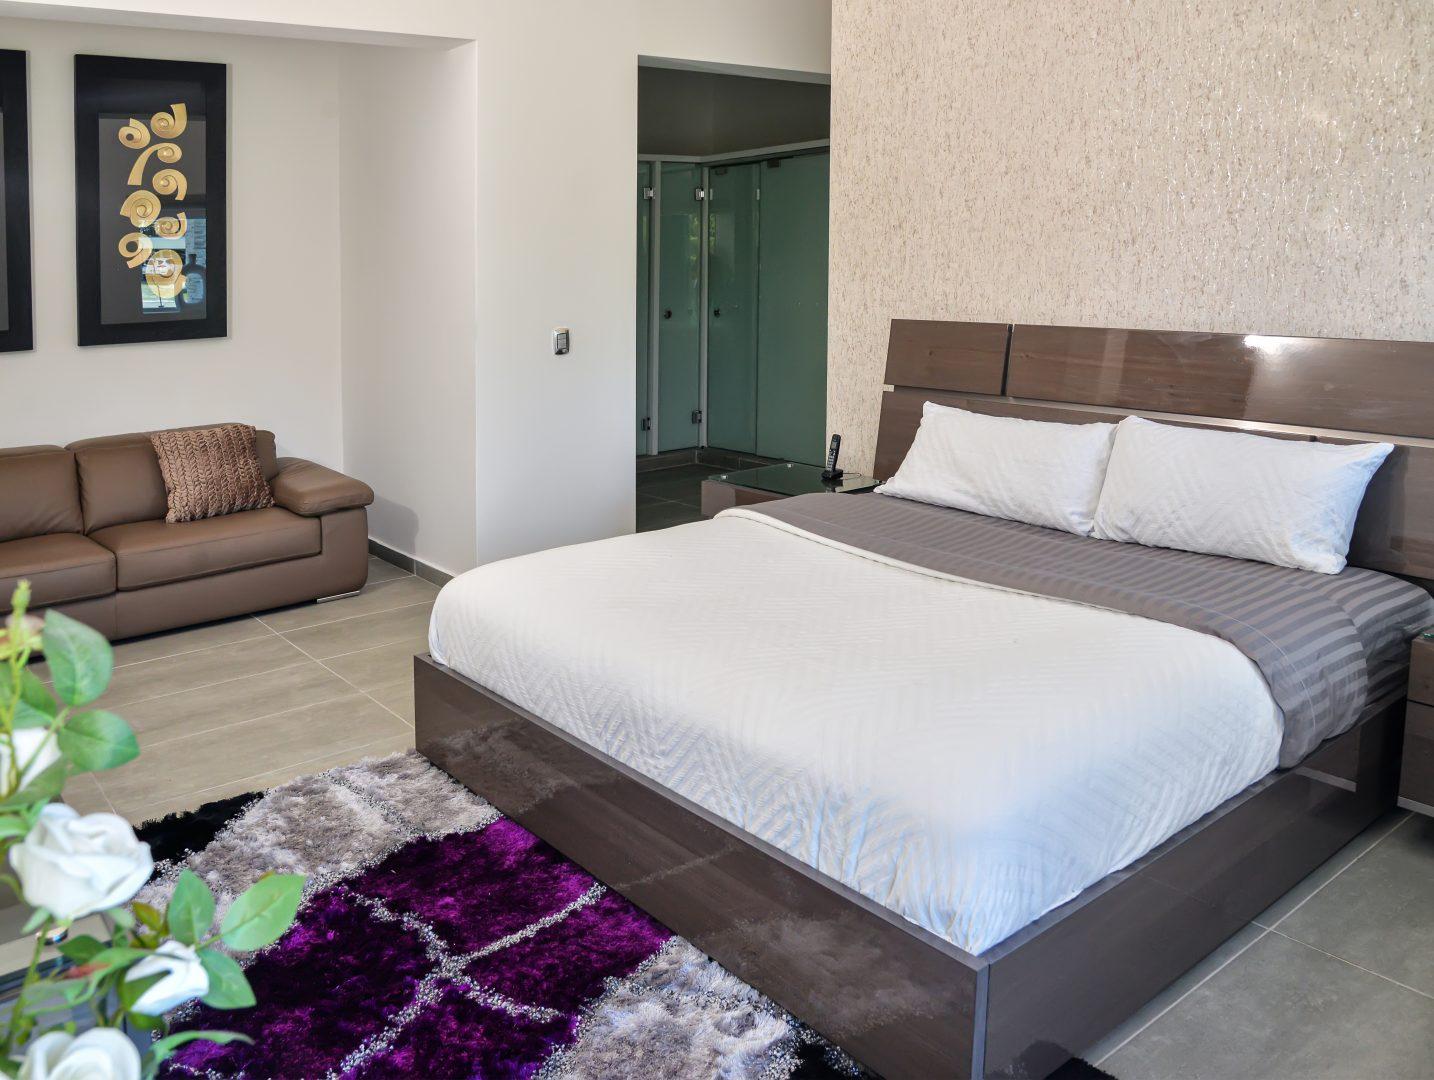 Second Floor Room-1 Bedroom